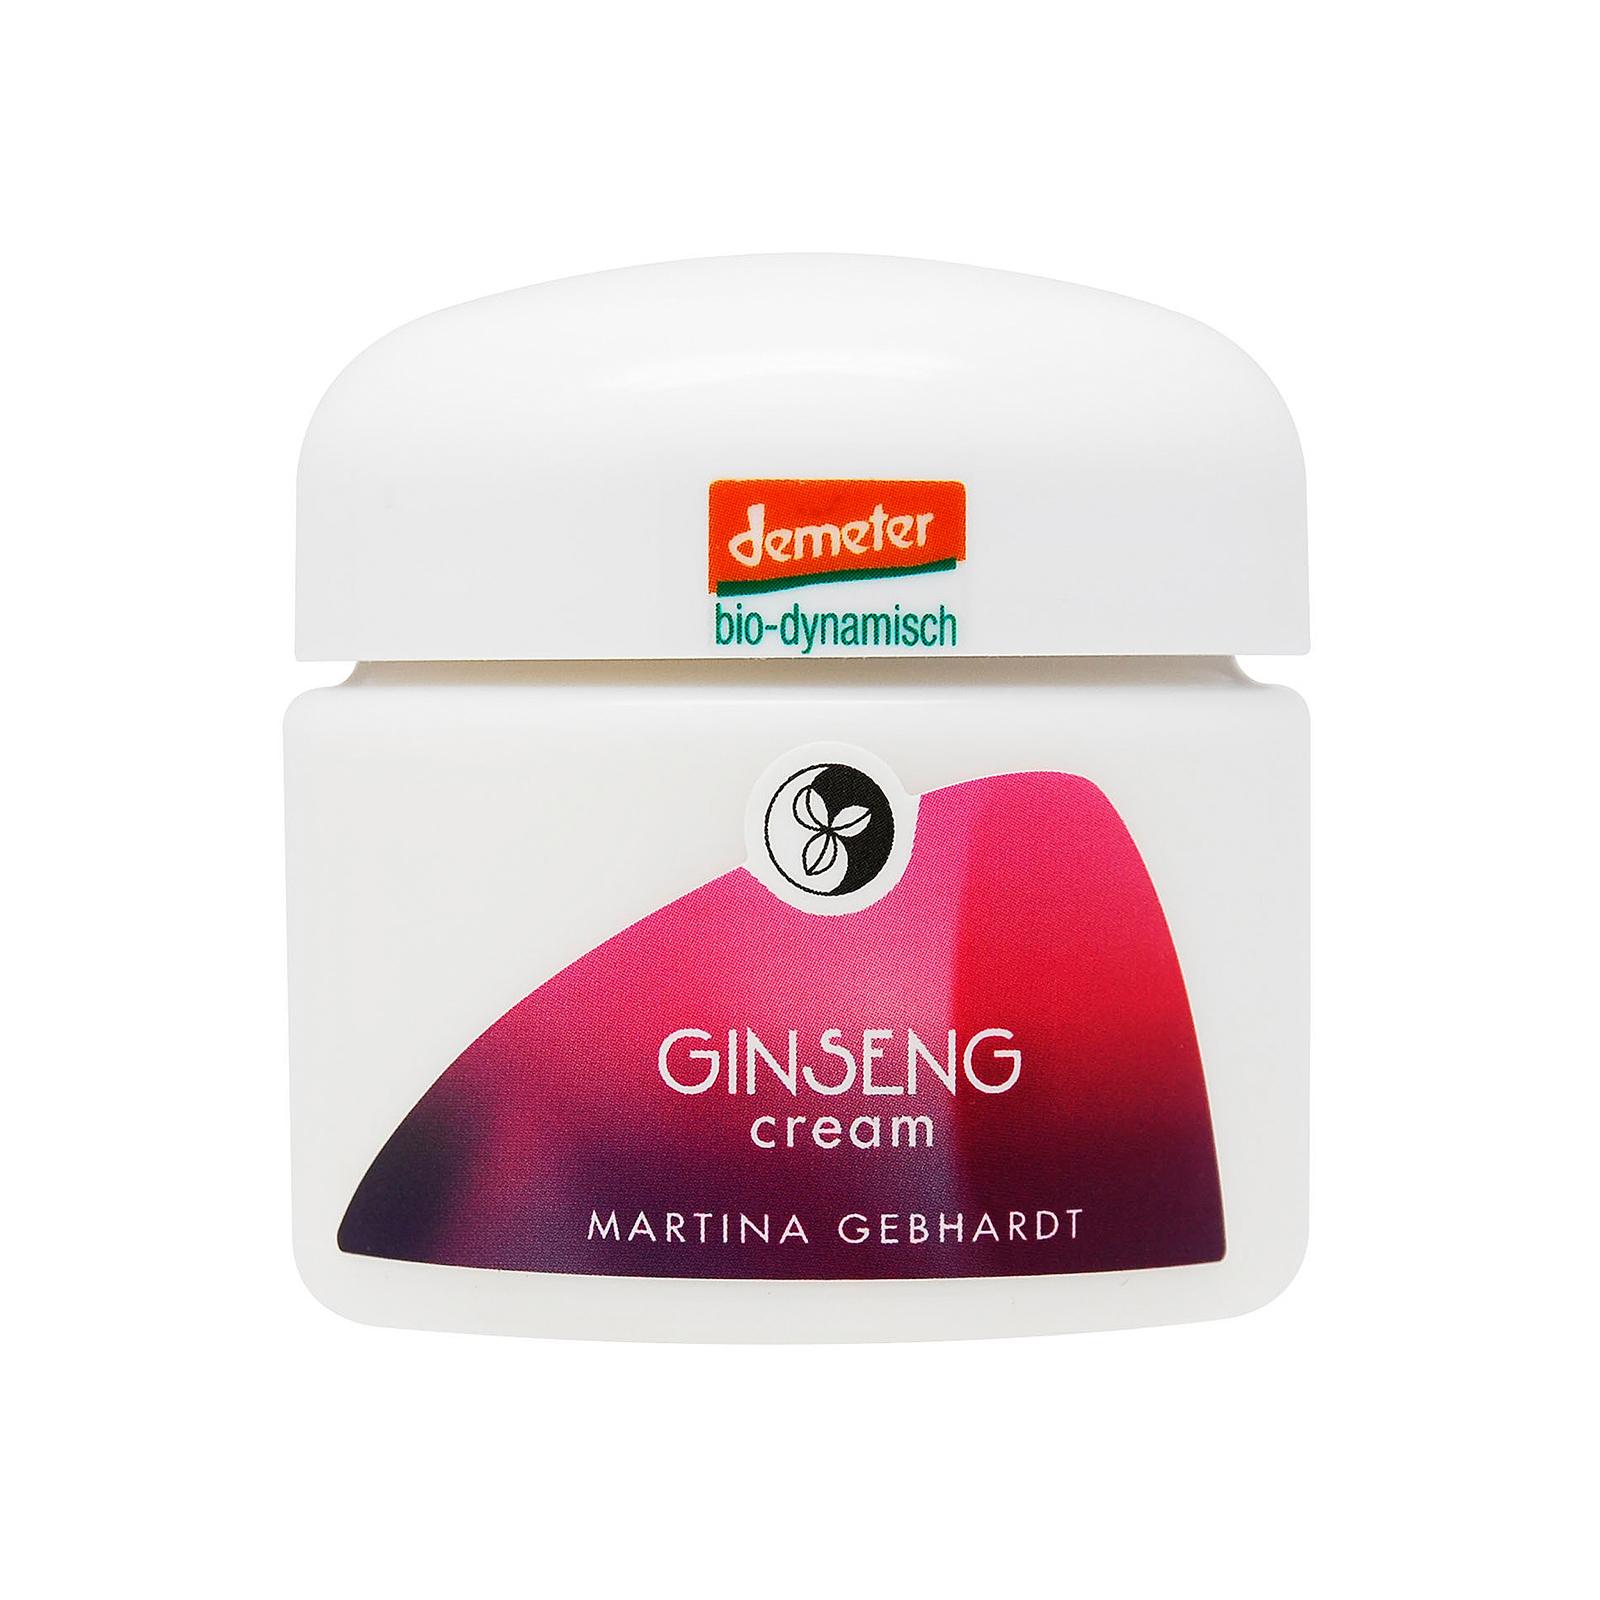 Martina Gebhardt Ginseng Cream 1.8oz, 50ml from Cosme-De.com